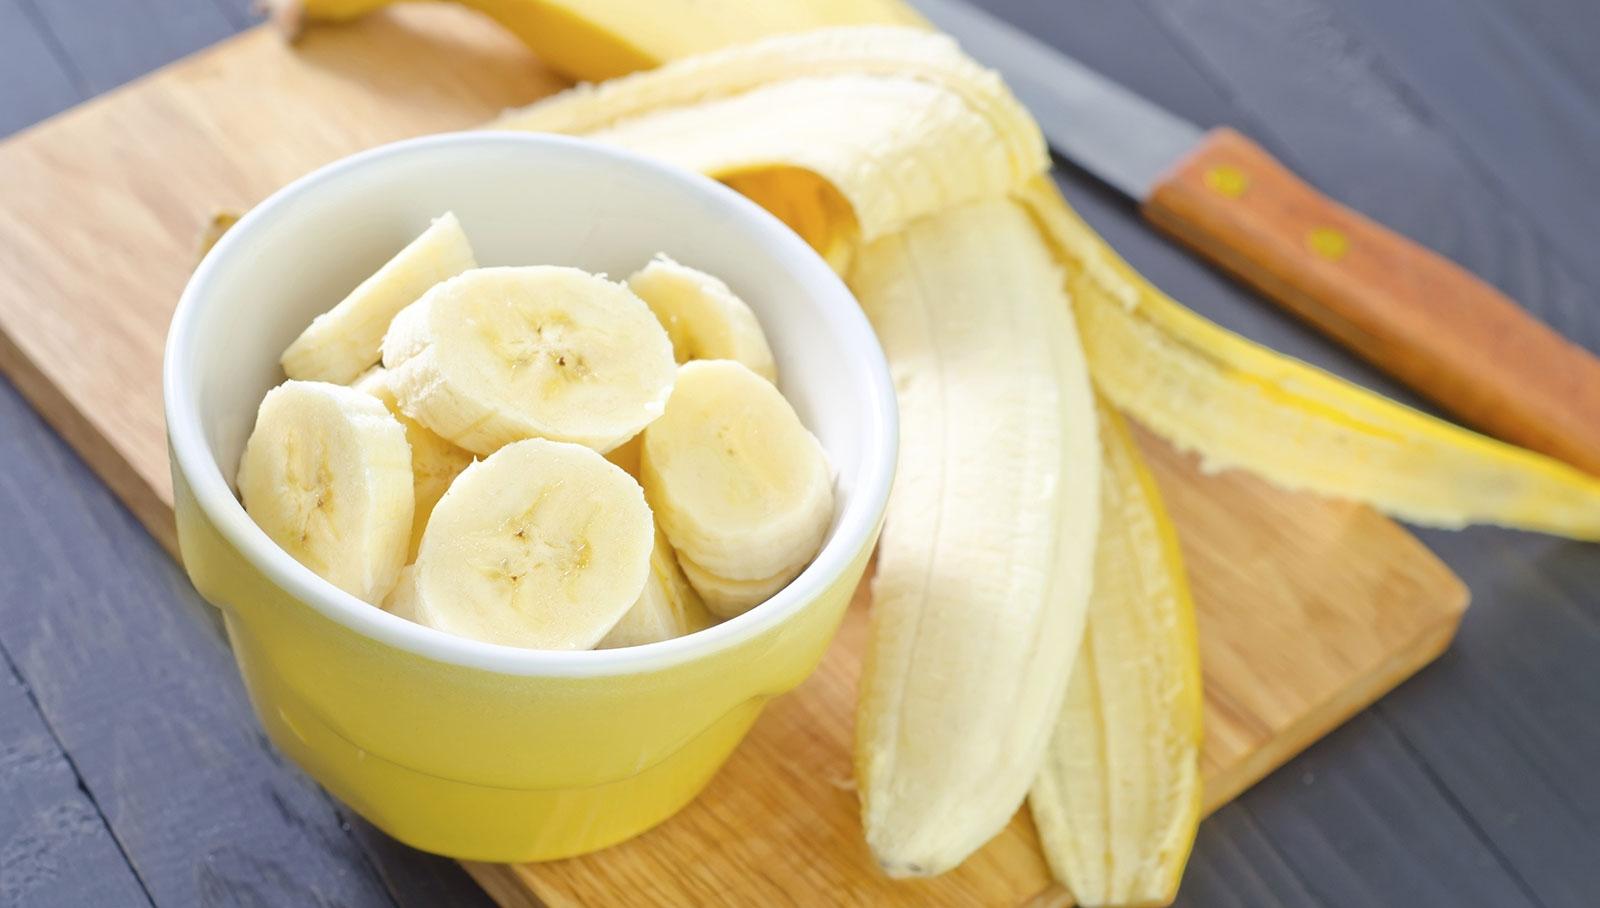 Chuối: Thực phẩm nhuận tràng dùng để chữa táo bón rất nhanh